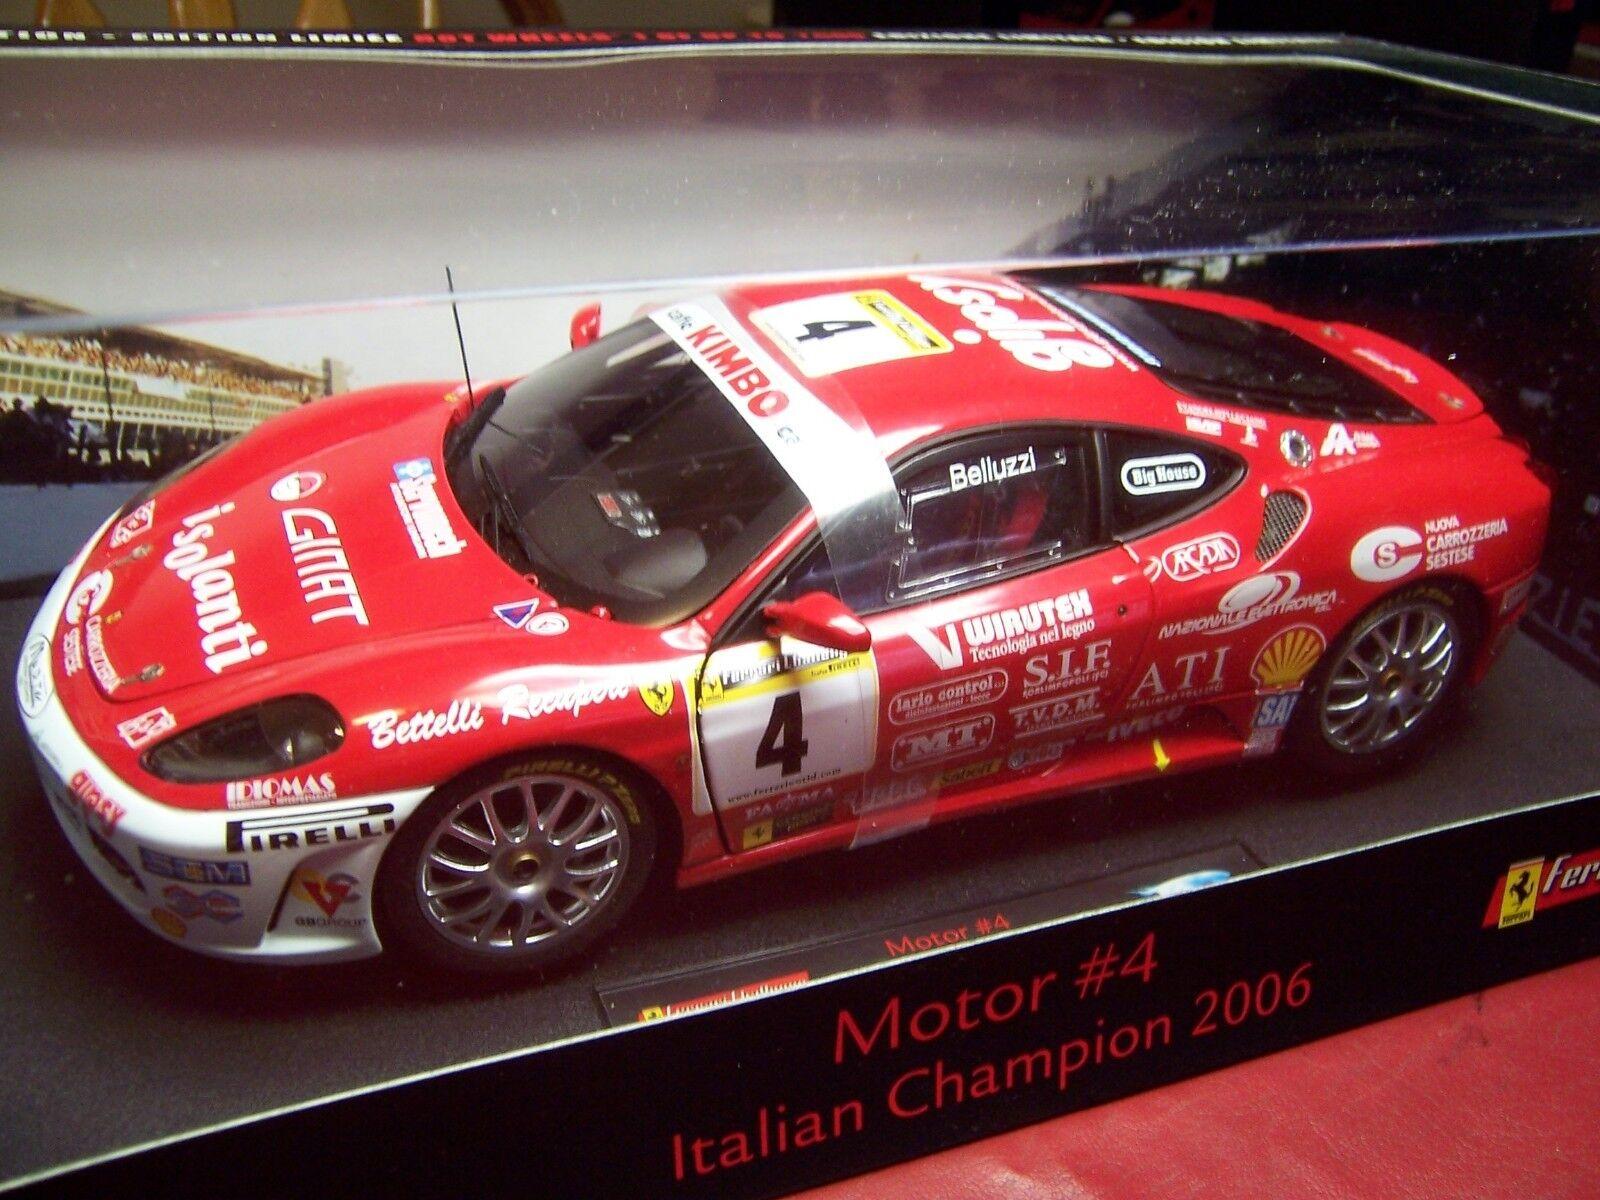 varm HJULER ELITE L9533 FERRARI F430 MOTOR Italian Champion 2006 begränsad 1  18